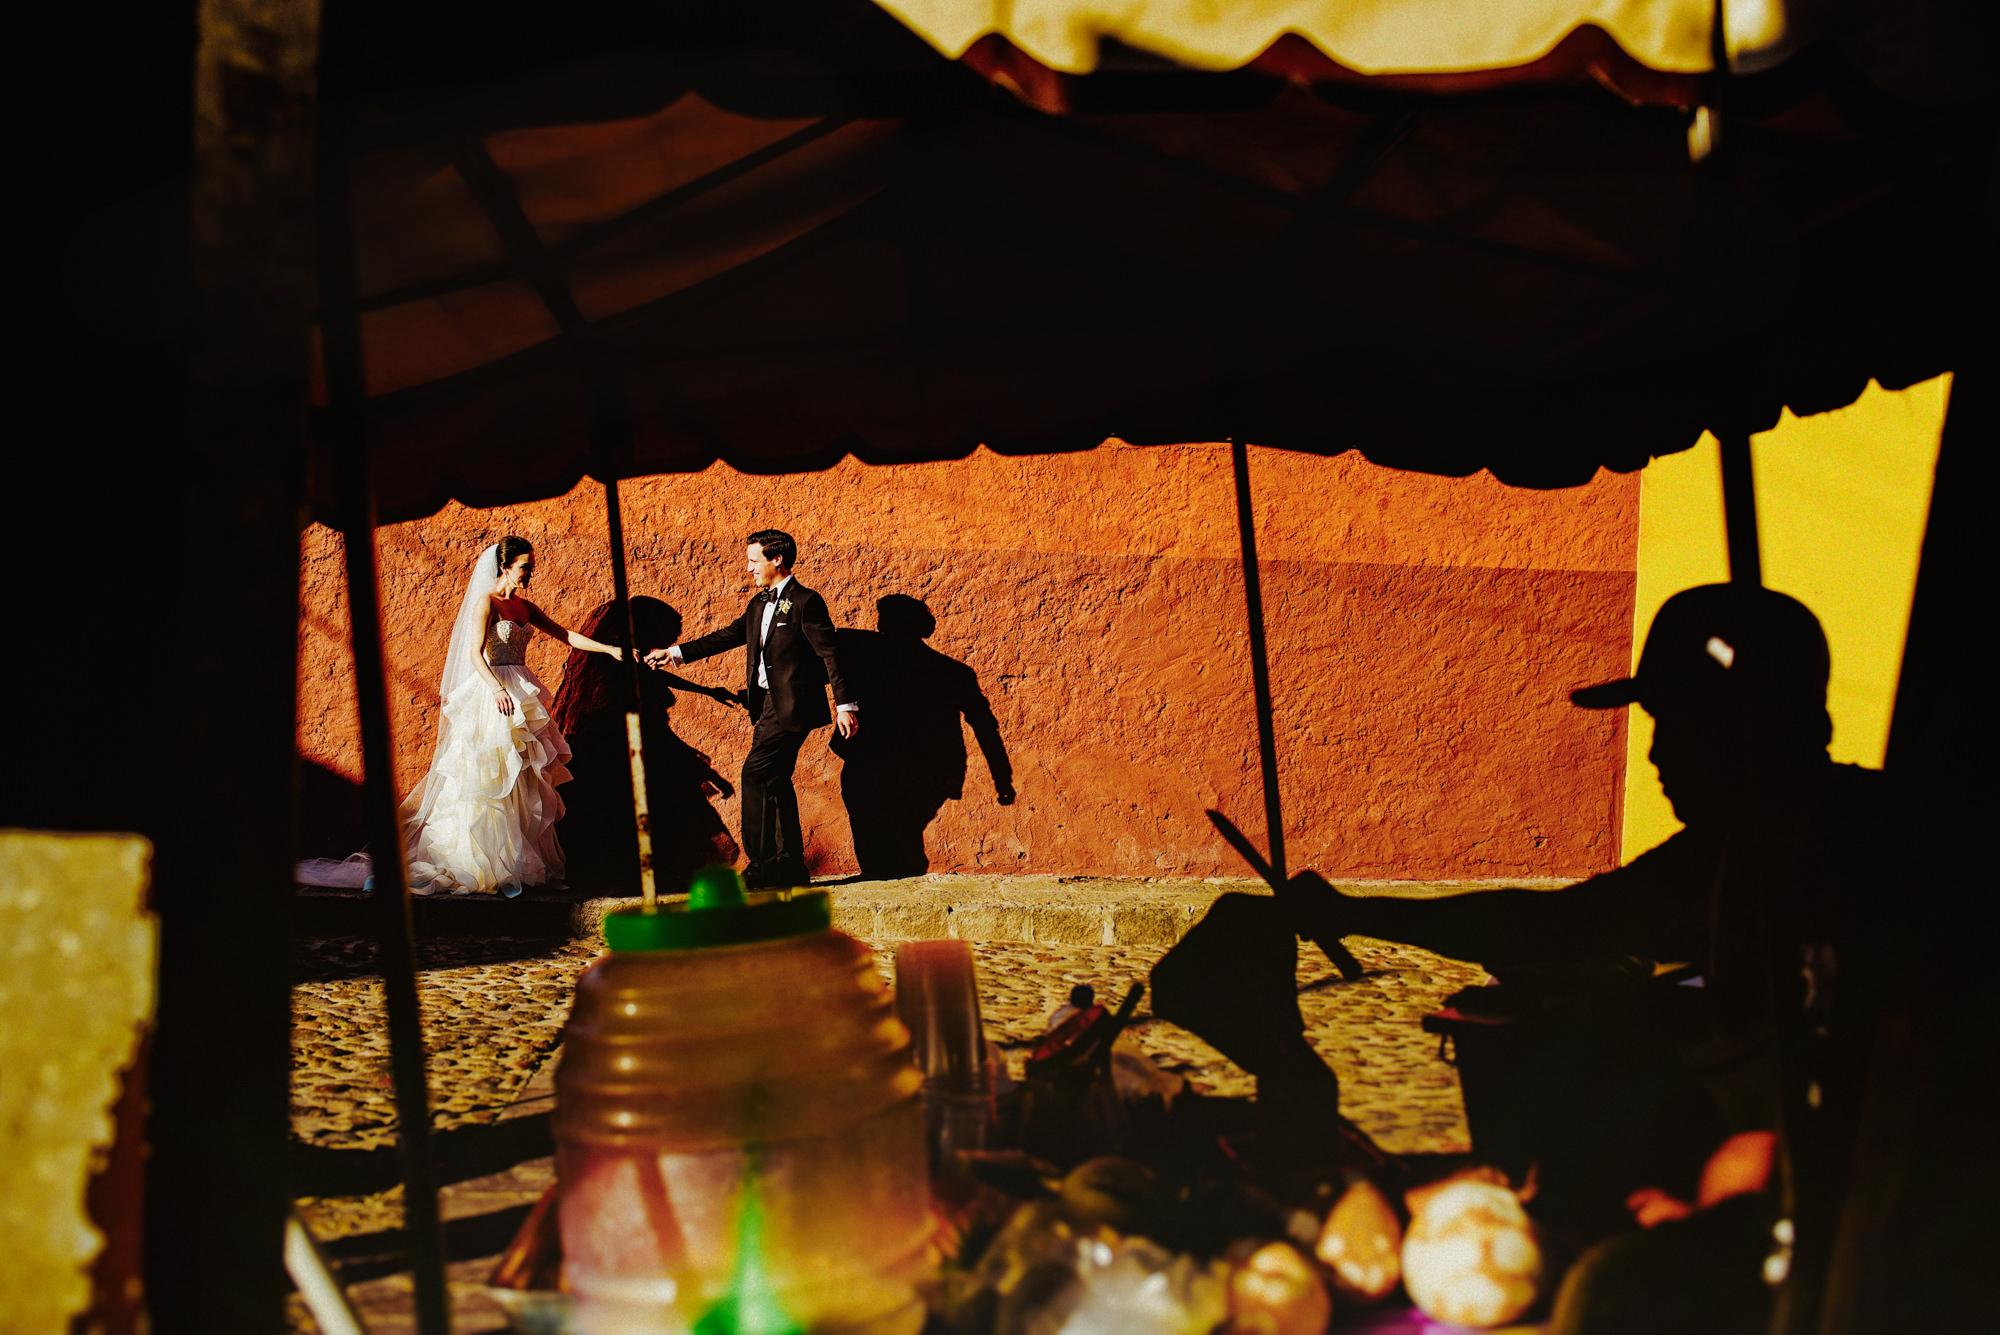 Artistic wedding portrait with shadows by Fer Juaristi